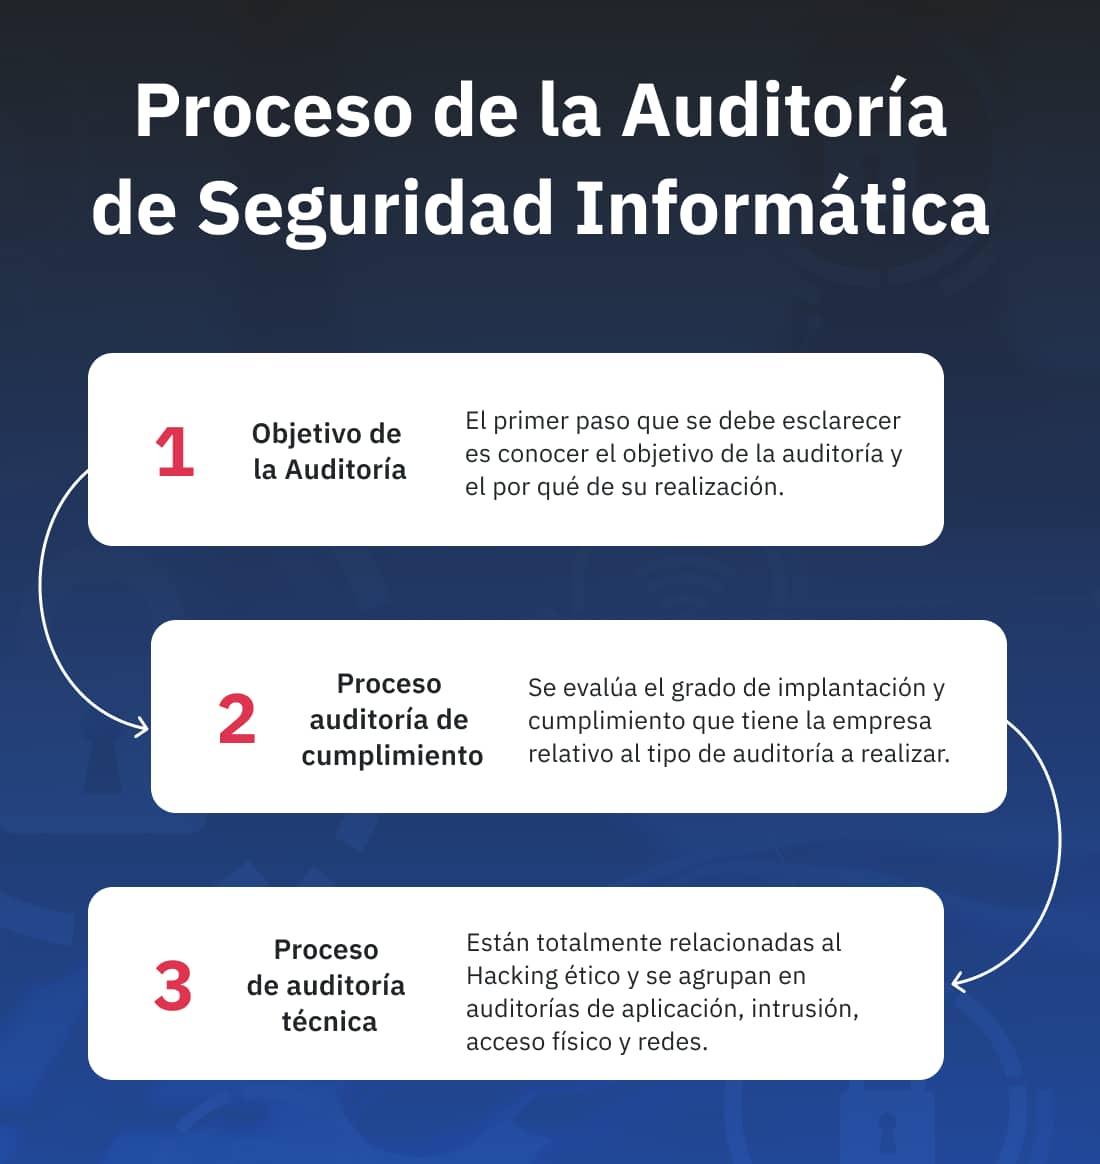 Proceso de la Auditoria de Seguridad Informatica